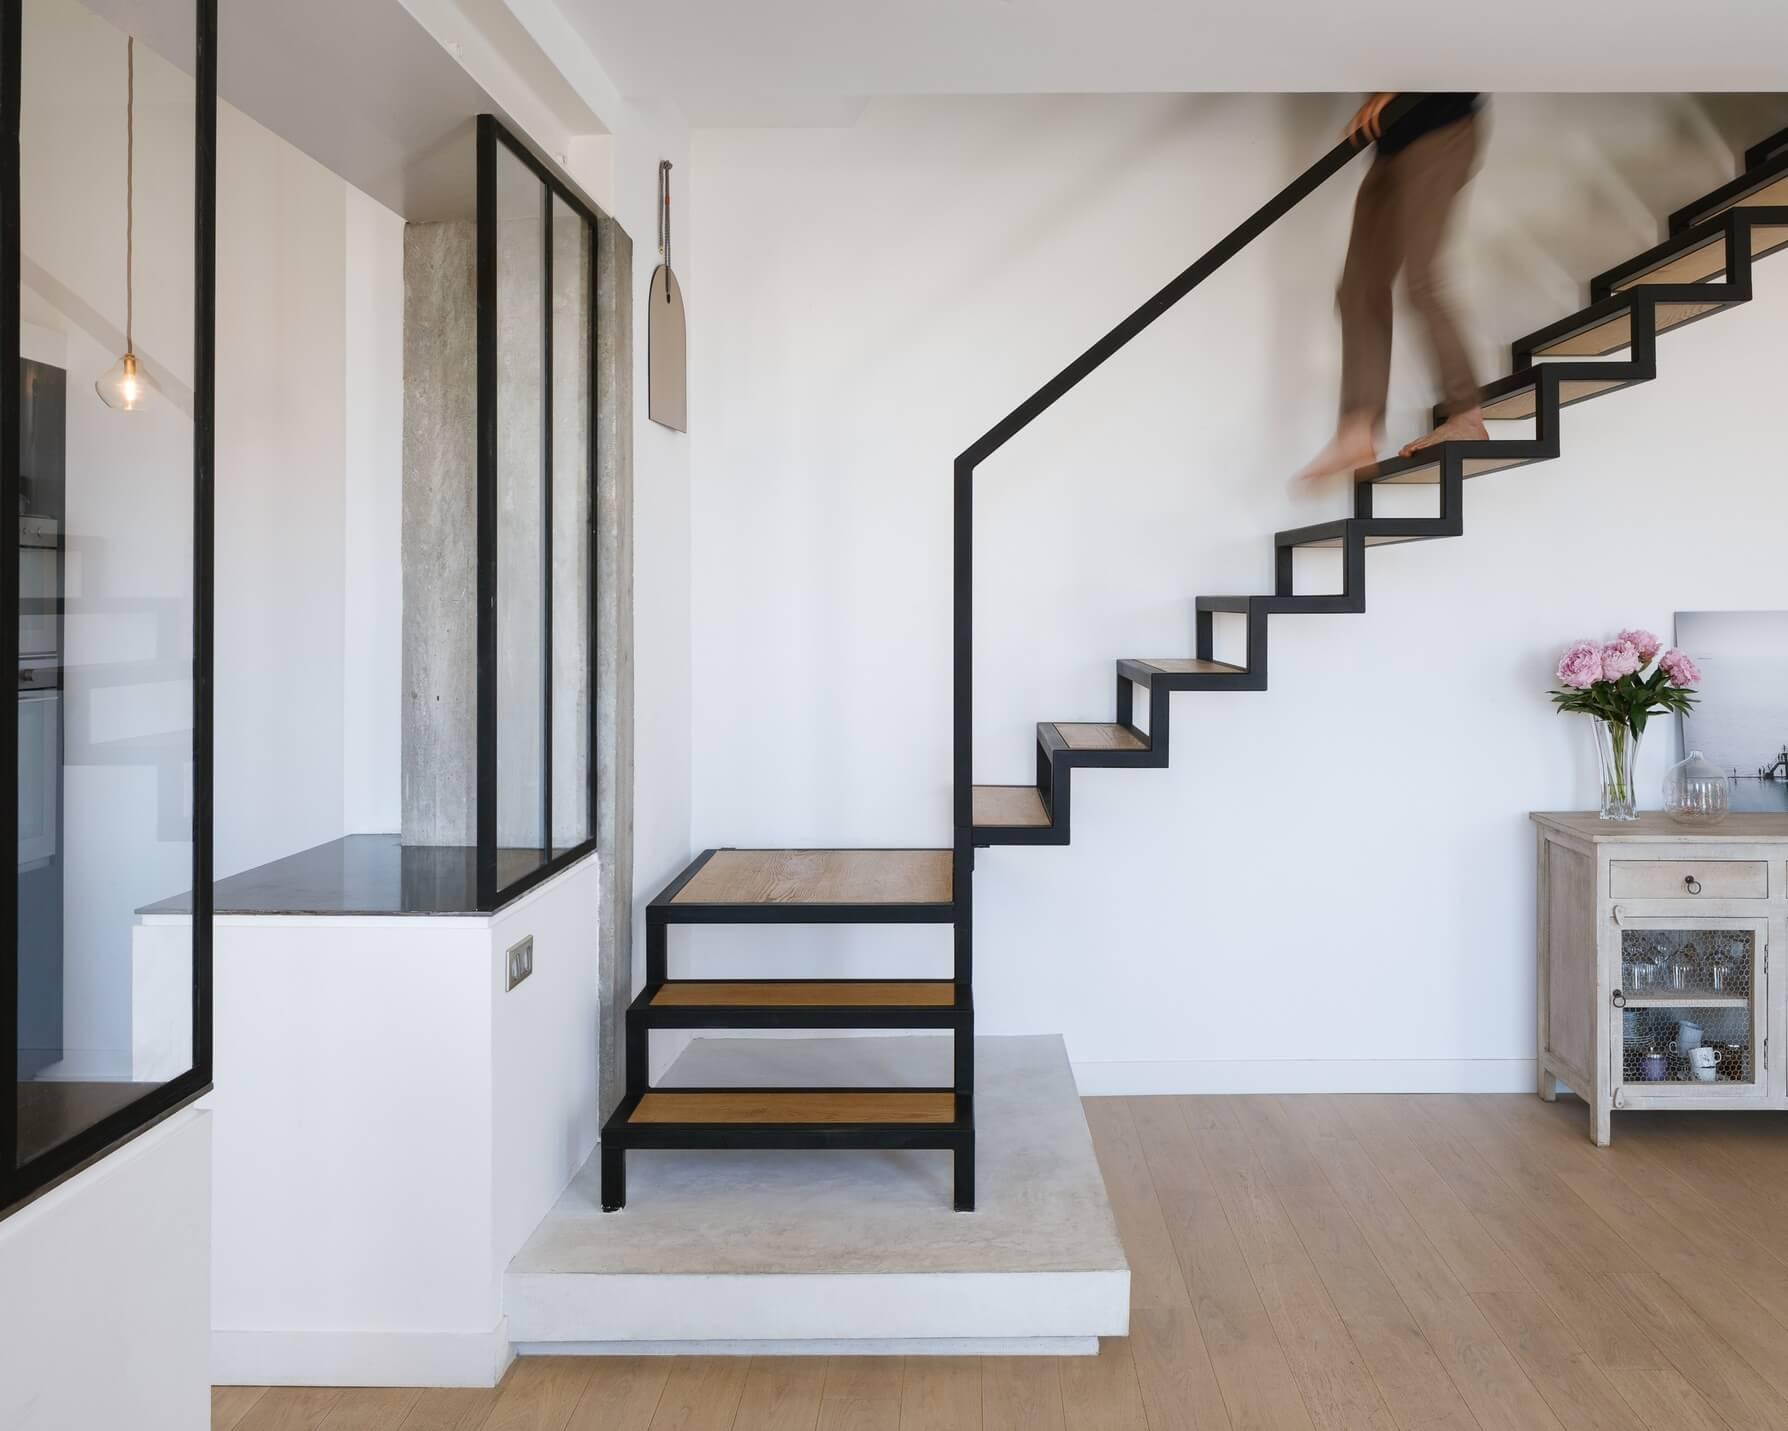 escalier bois parquet blanc